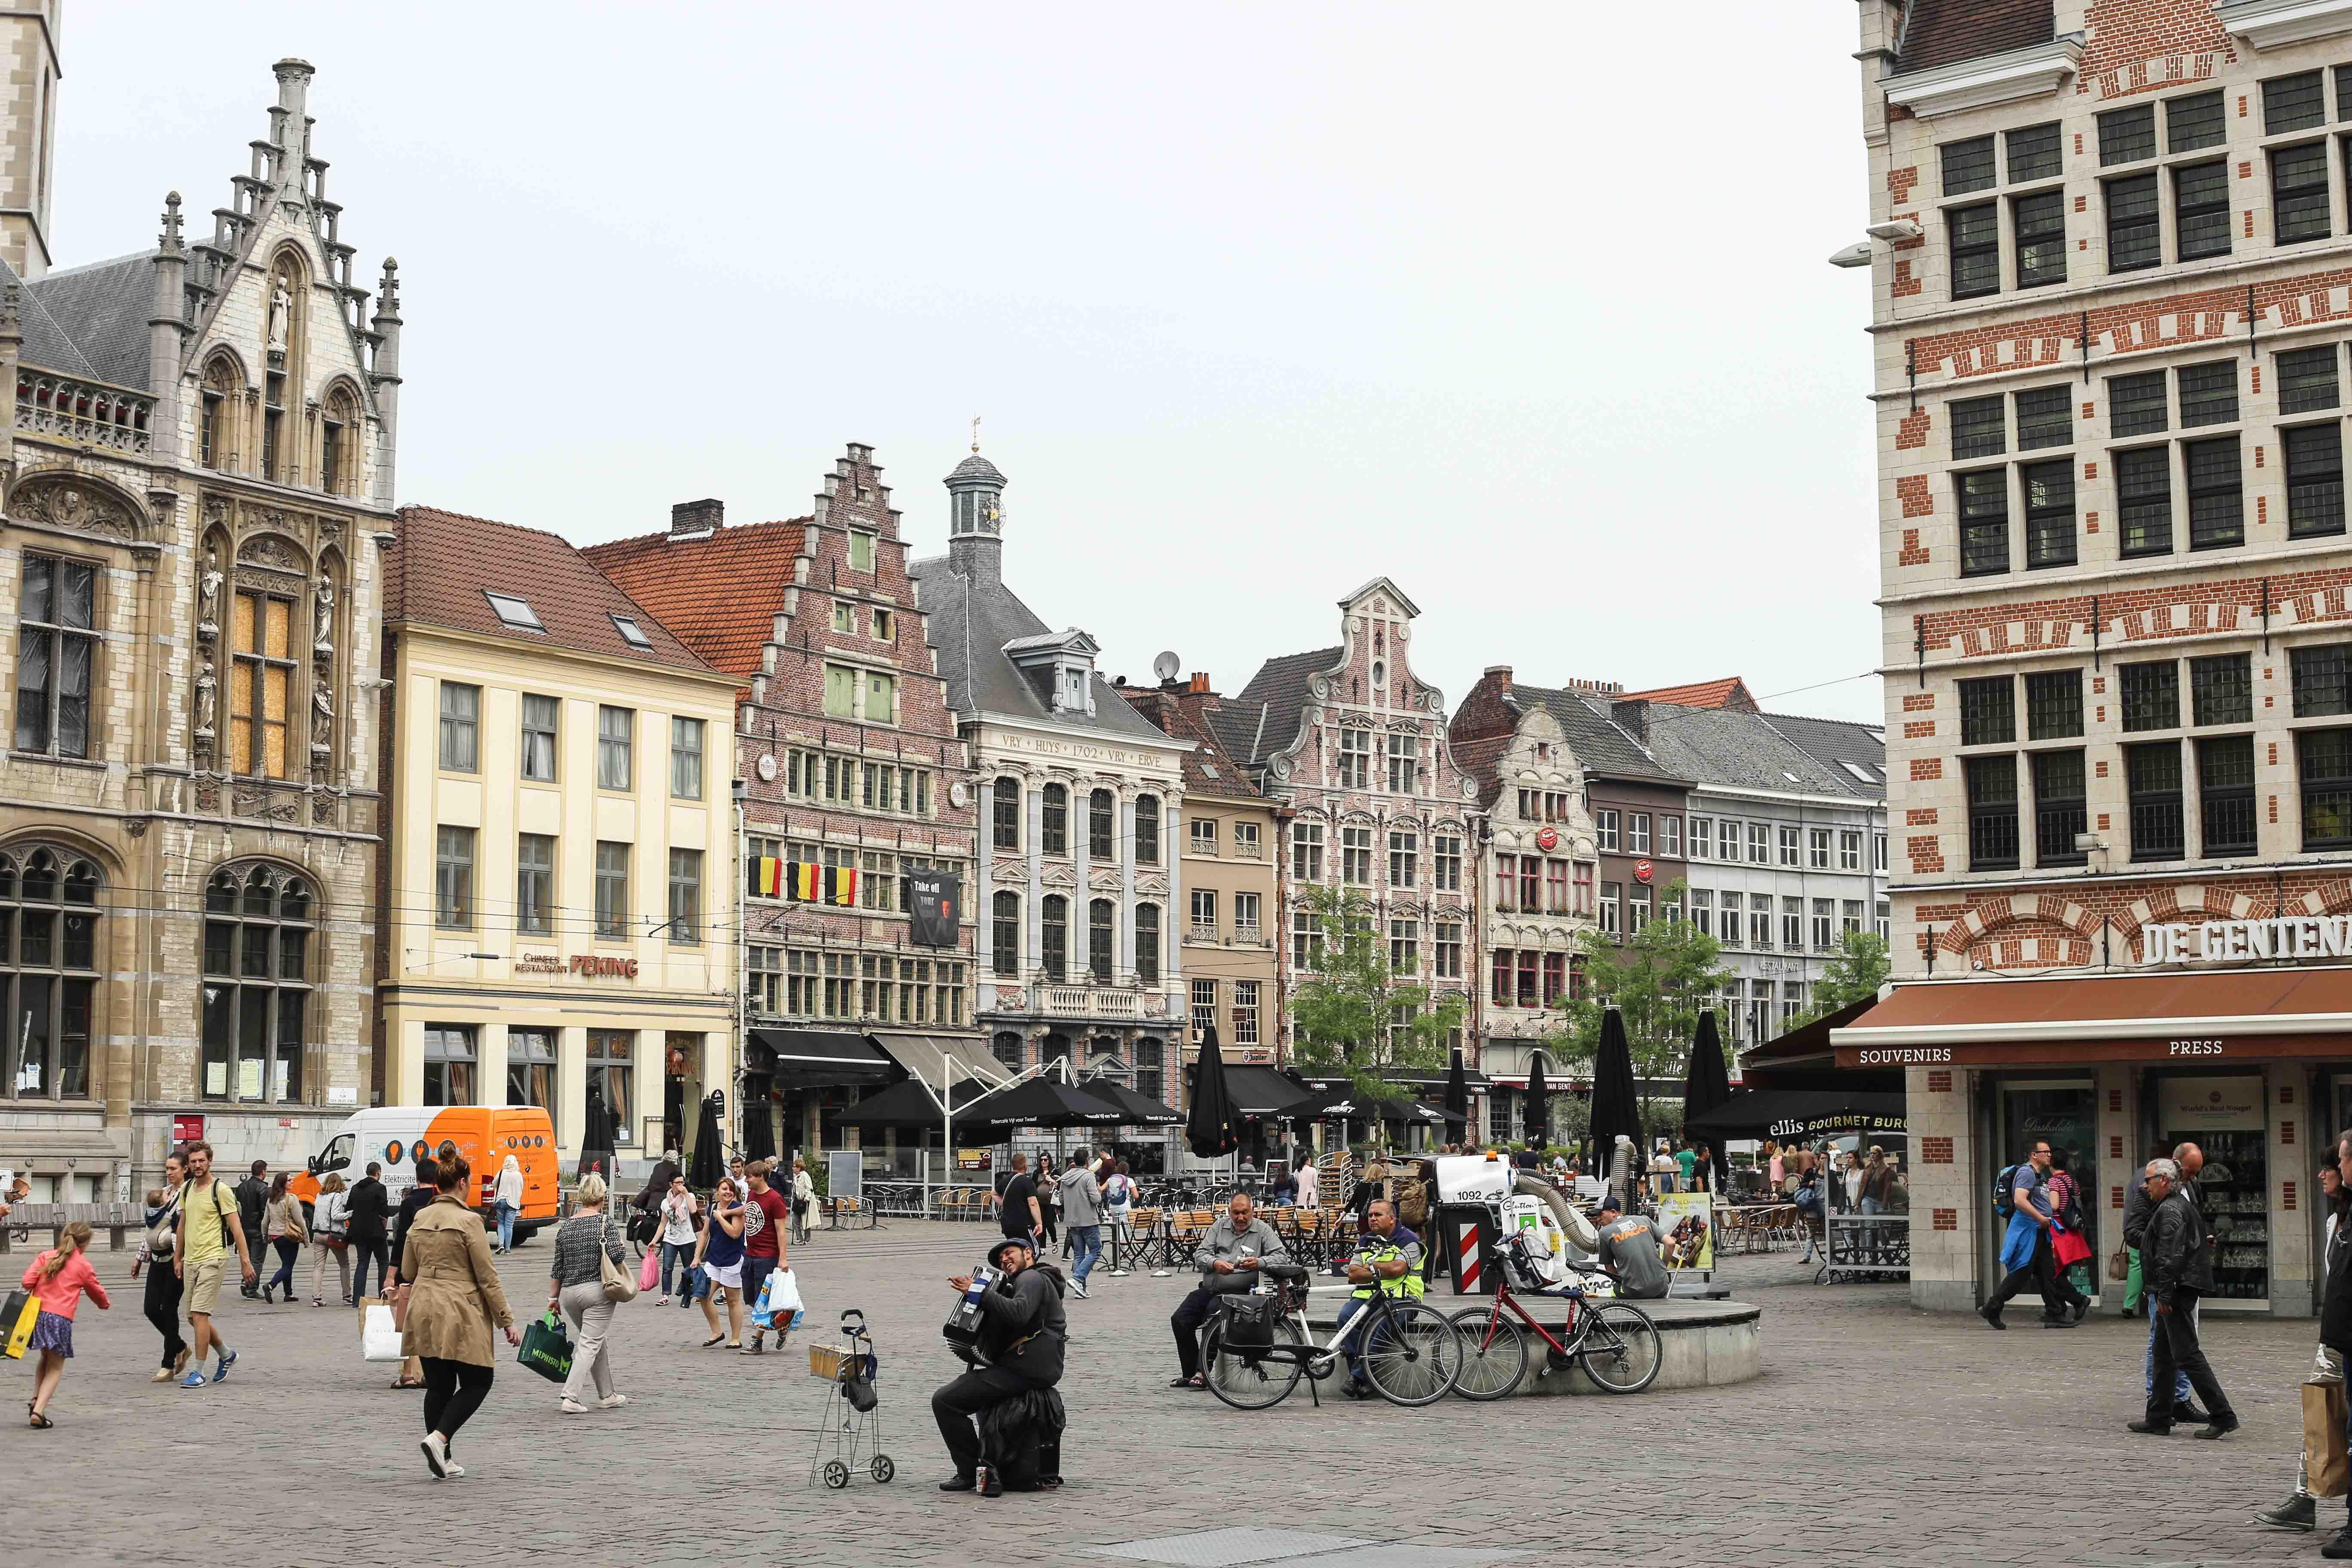 Gent-Kurztrip-Empfehlung-Sehenswürdigkeiten-Kanäle-Reiseblog-Belgien-Marktplatz